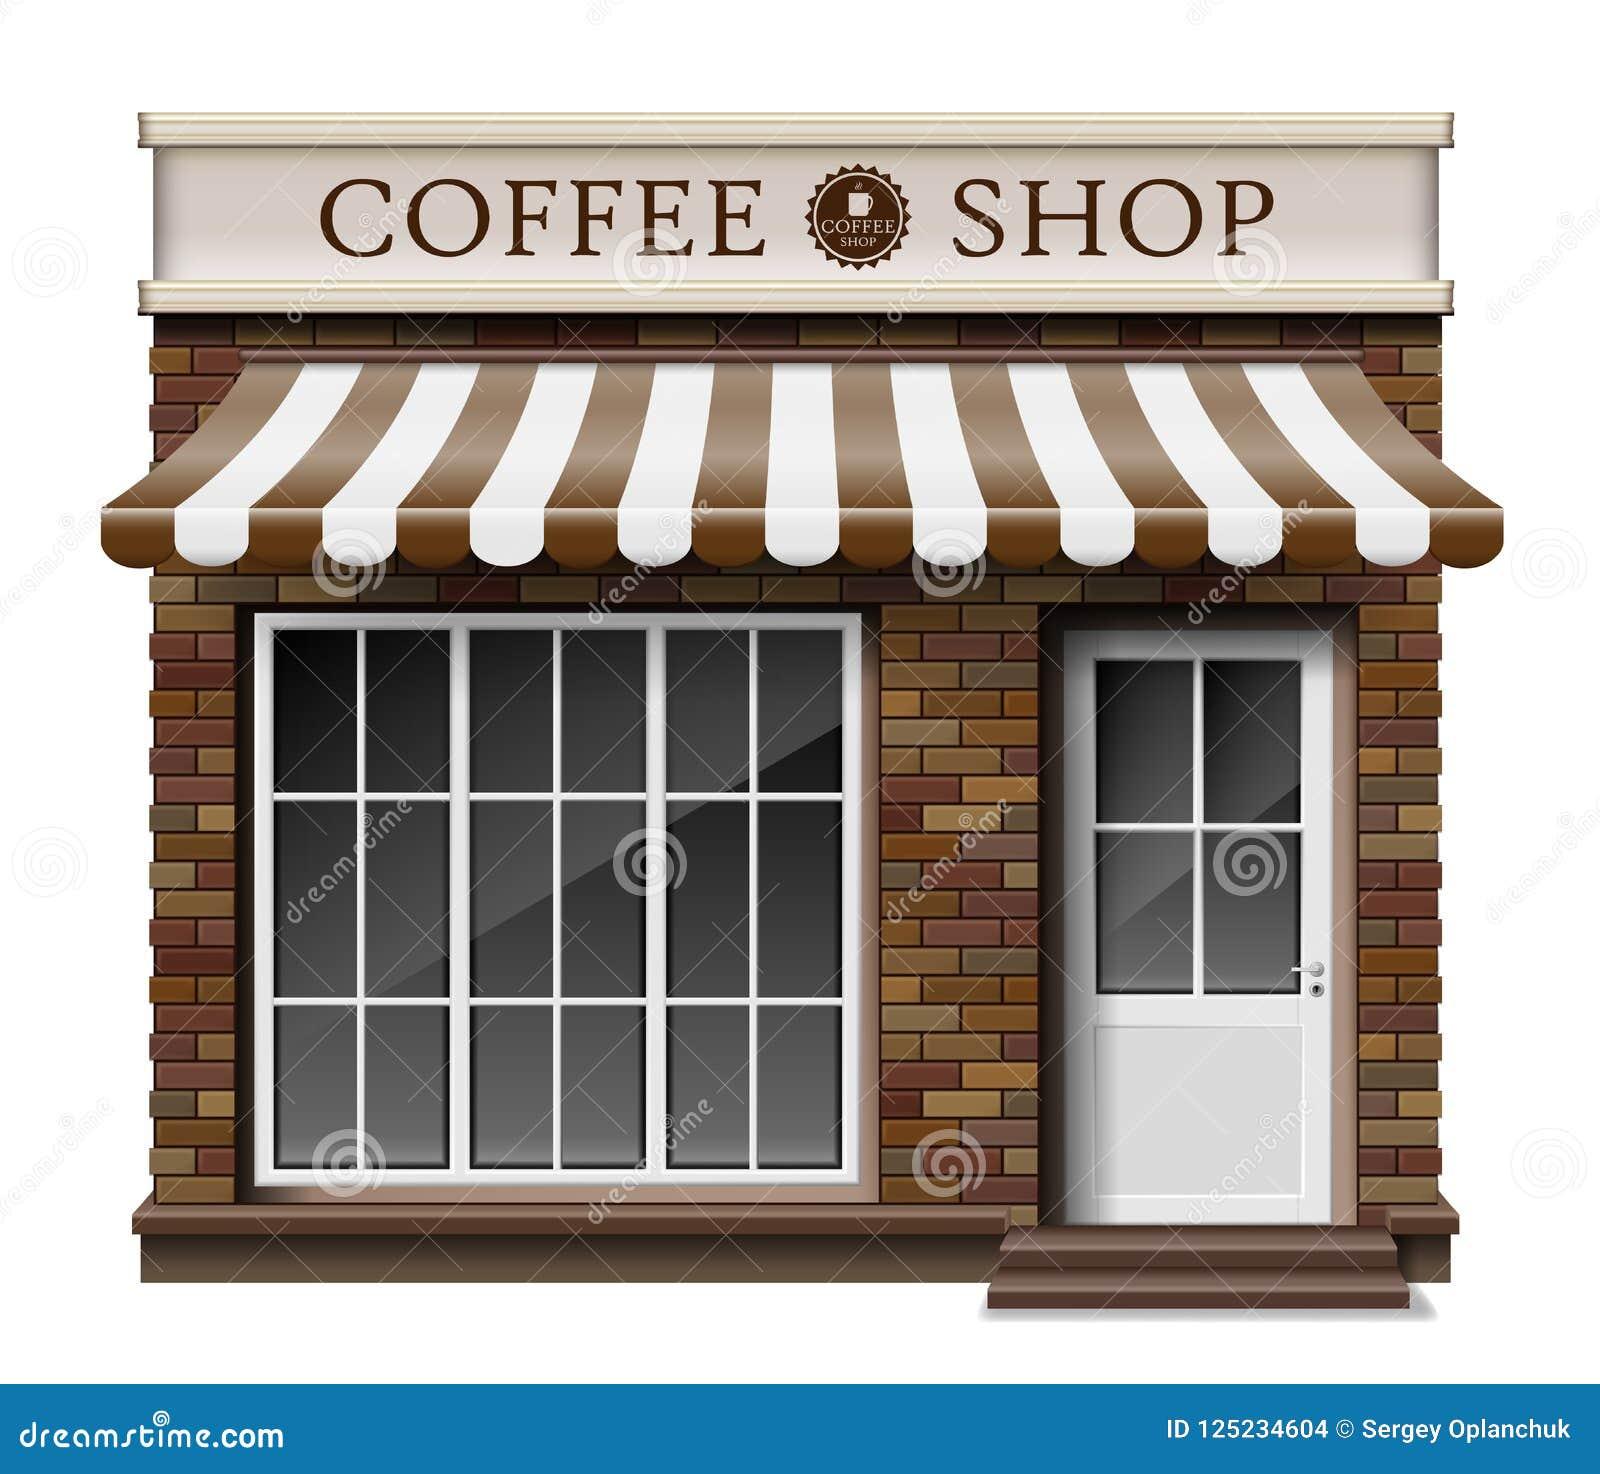 Textura Exterior Del Ladrillo De La Tienda O Del Cafe Del Boutique Del Cafe Maqueta En Blanco De La Tienda Realista Elegante De L Ilustracion Del Vector Ilustracion De Maqueta Elegante